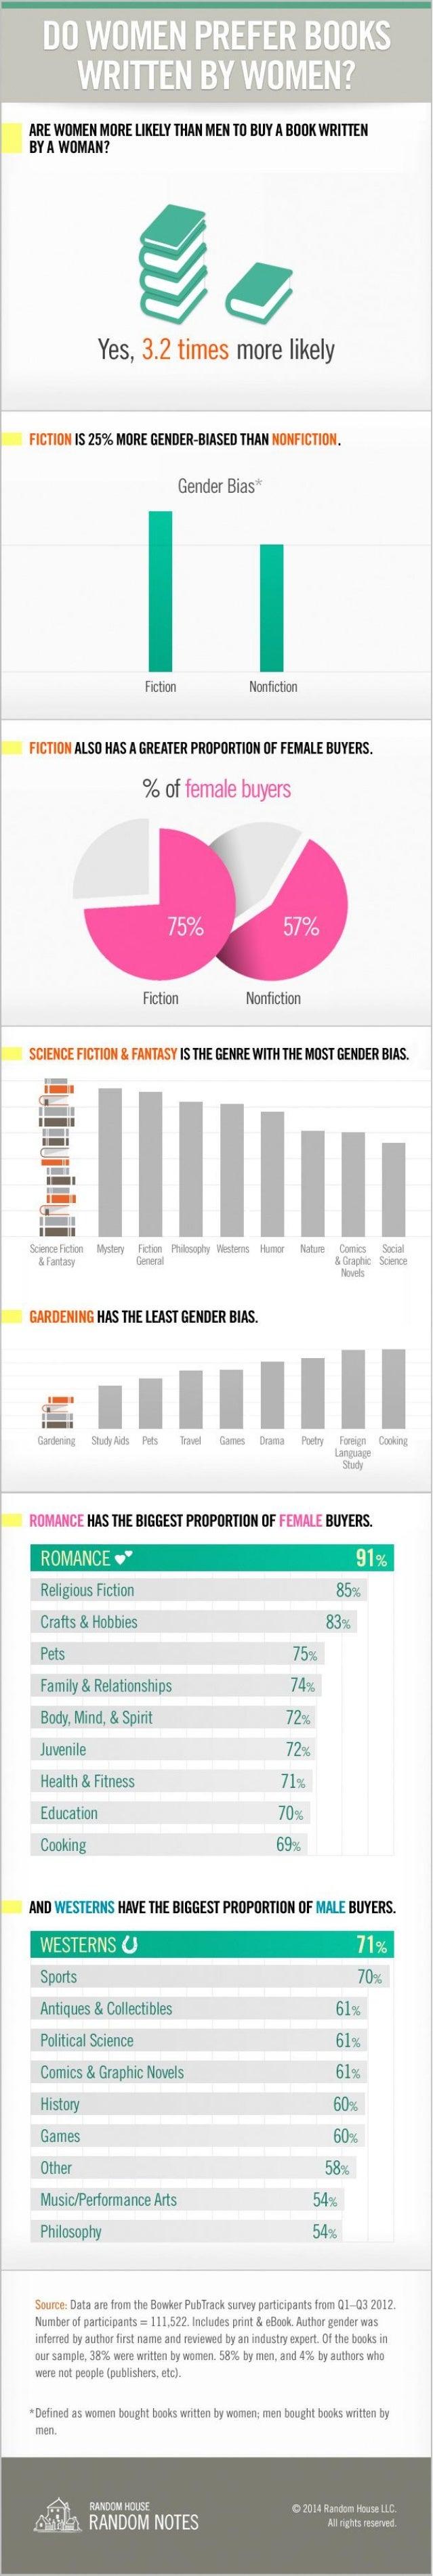 Gender Bias in Reading; Do Women Prefer Books Written by Women?